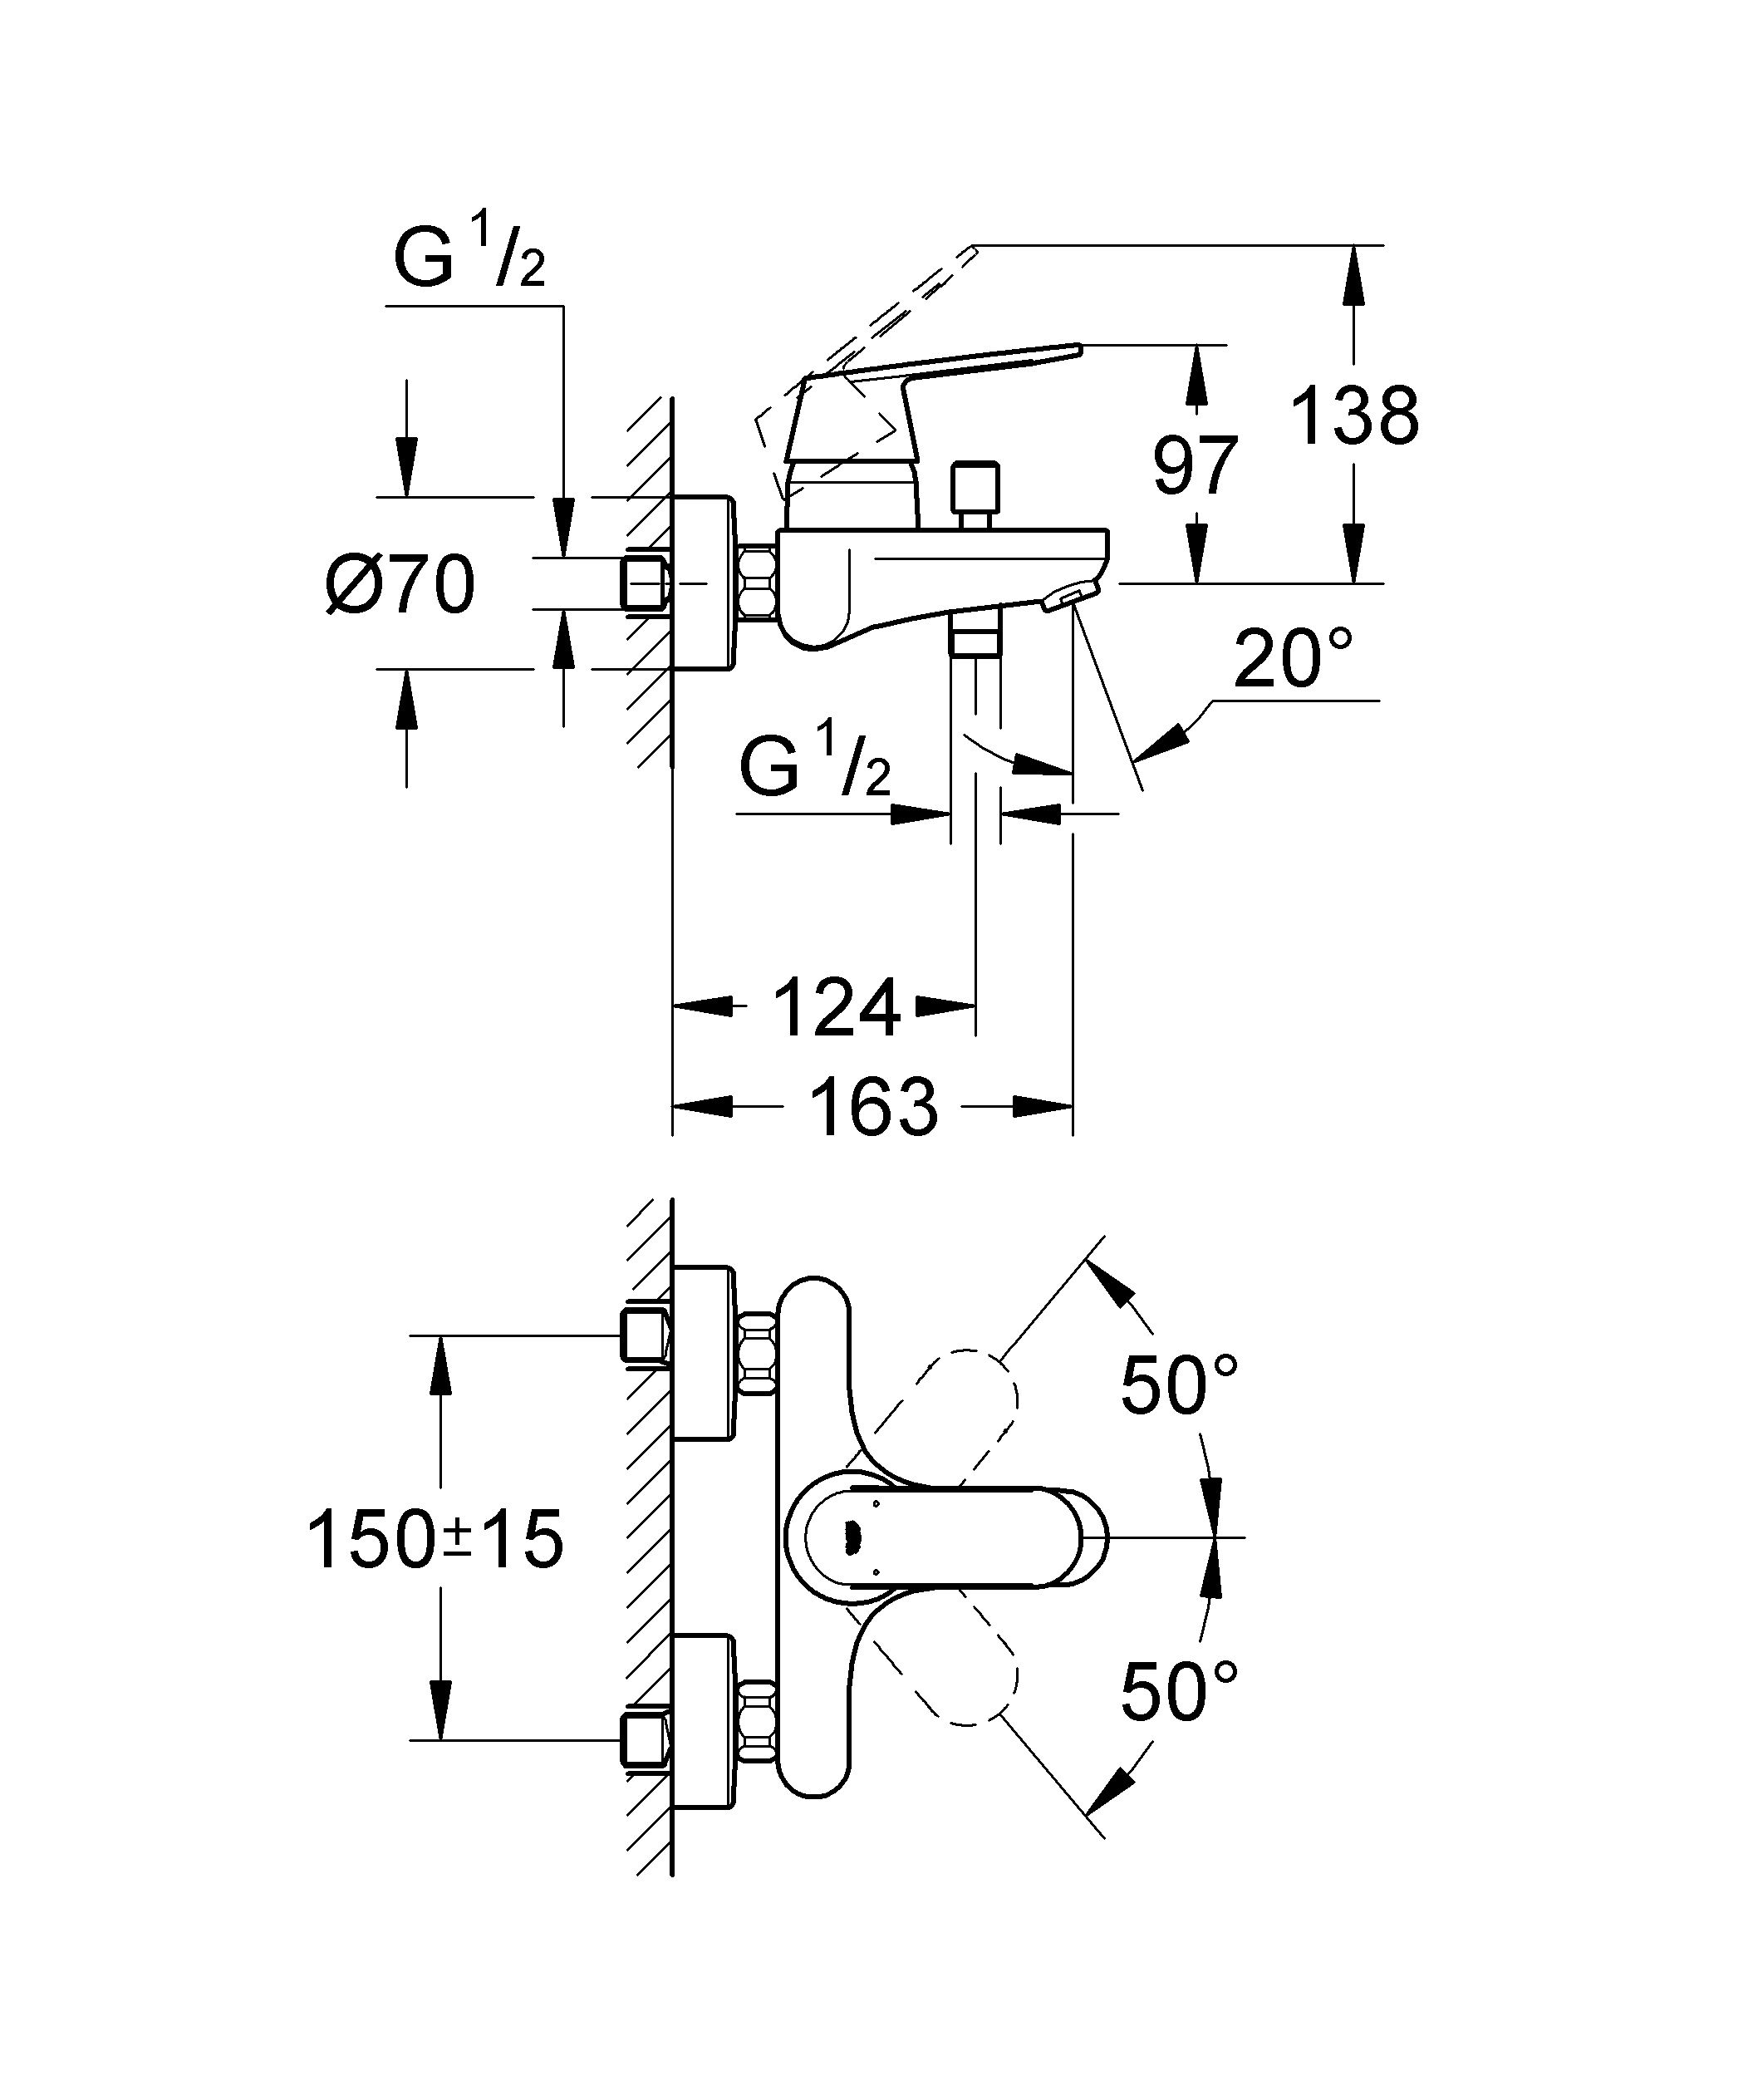 Настенный монтаж  Металлический рычаг  GROHE SilkMove керамический картридж O 46 мм  GROHE StarLight хромированная поверхность   Регулировка расхода воды  Возможность установки мин. расхода 2,5 л/мин.  Автоматический переключатель: ванна/душ  Встроенный обратный клапан в душевом отводе 1/2?  Аэратор  Скрытые S-образные эксцентрики  Дополнительный ограничитель температуры (46 308 000)  С защитой от обратного потока  Класс шума I по DIN 4109     Видео по установке является исключительно информационным. Установка должна проводиться профессионалами! Характеристики:    Материал: металл. Цвет: хром. Количество монтажных отверстий: 2. Размер упаковки: 20 см x 18 см x 16 см. Артикул: 32831000.